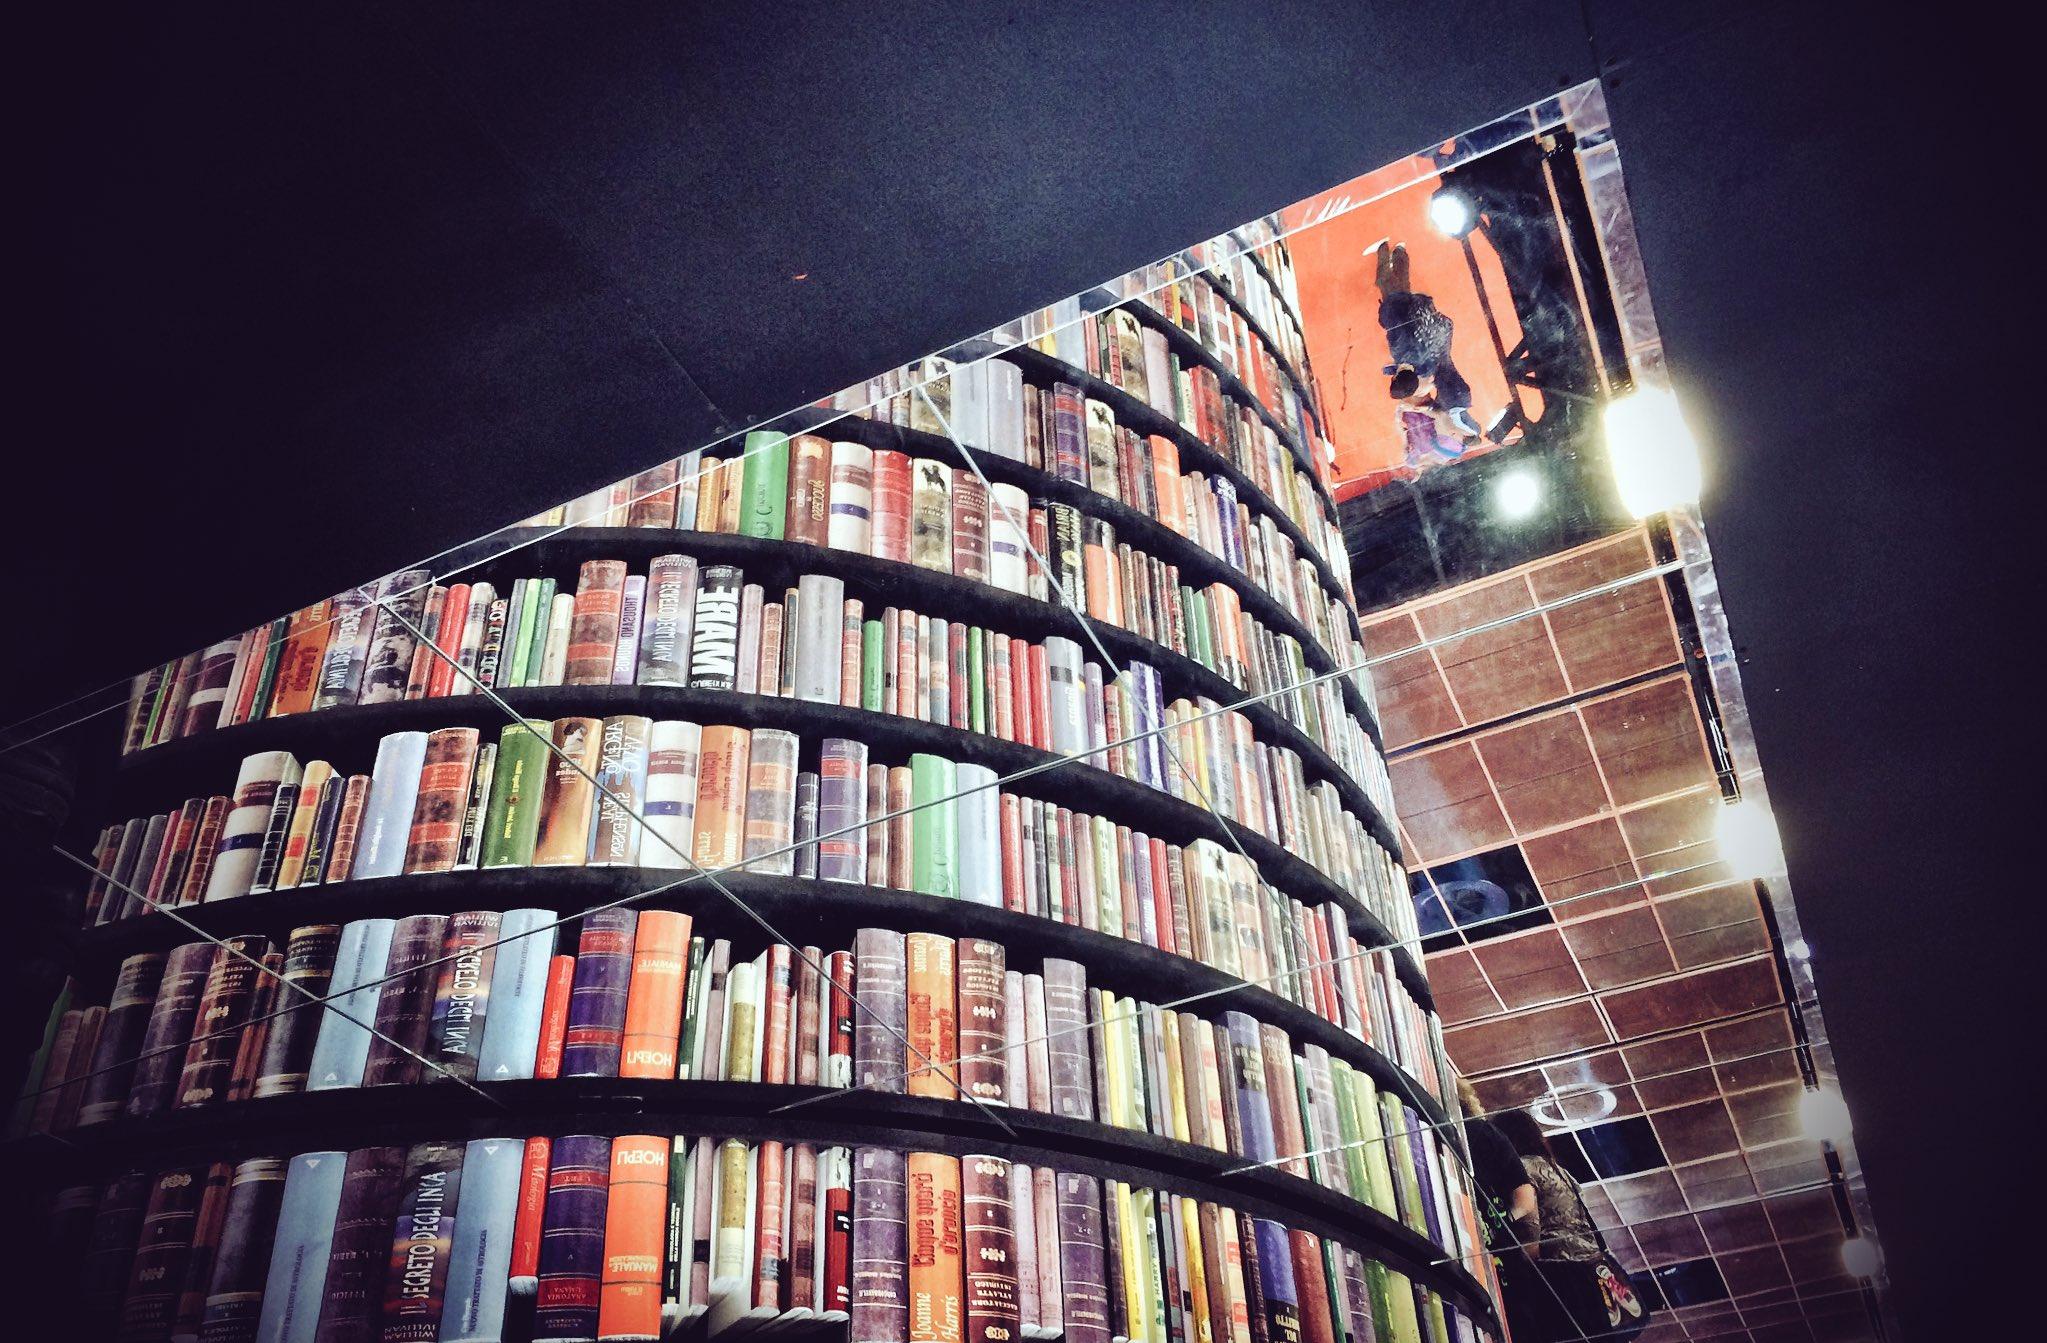 siamo stati acColti al #SalTo17 da tanti libri, racColti da librai tanto tanto @COLTI_Librerie, solo #cosestrabelle qui al @SalonedelLibro https://t.co/ldLAWEVqMr